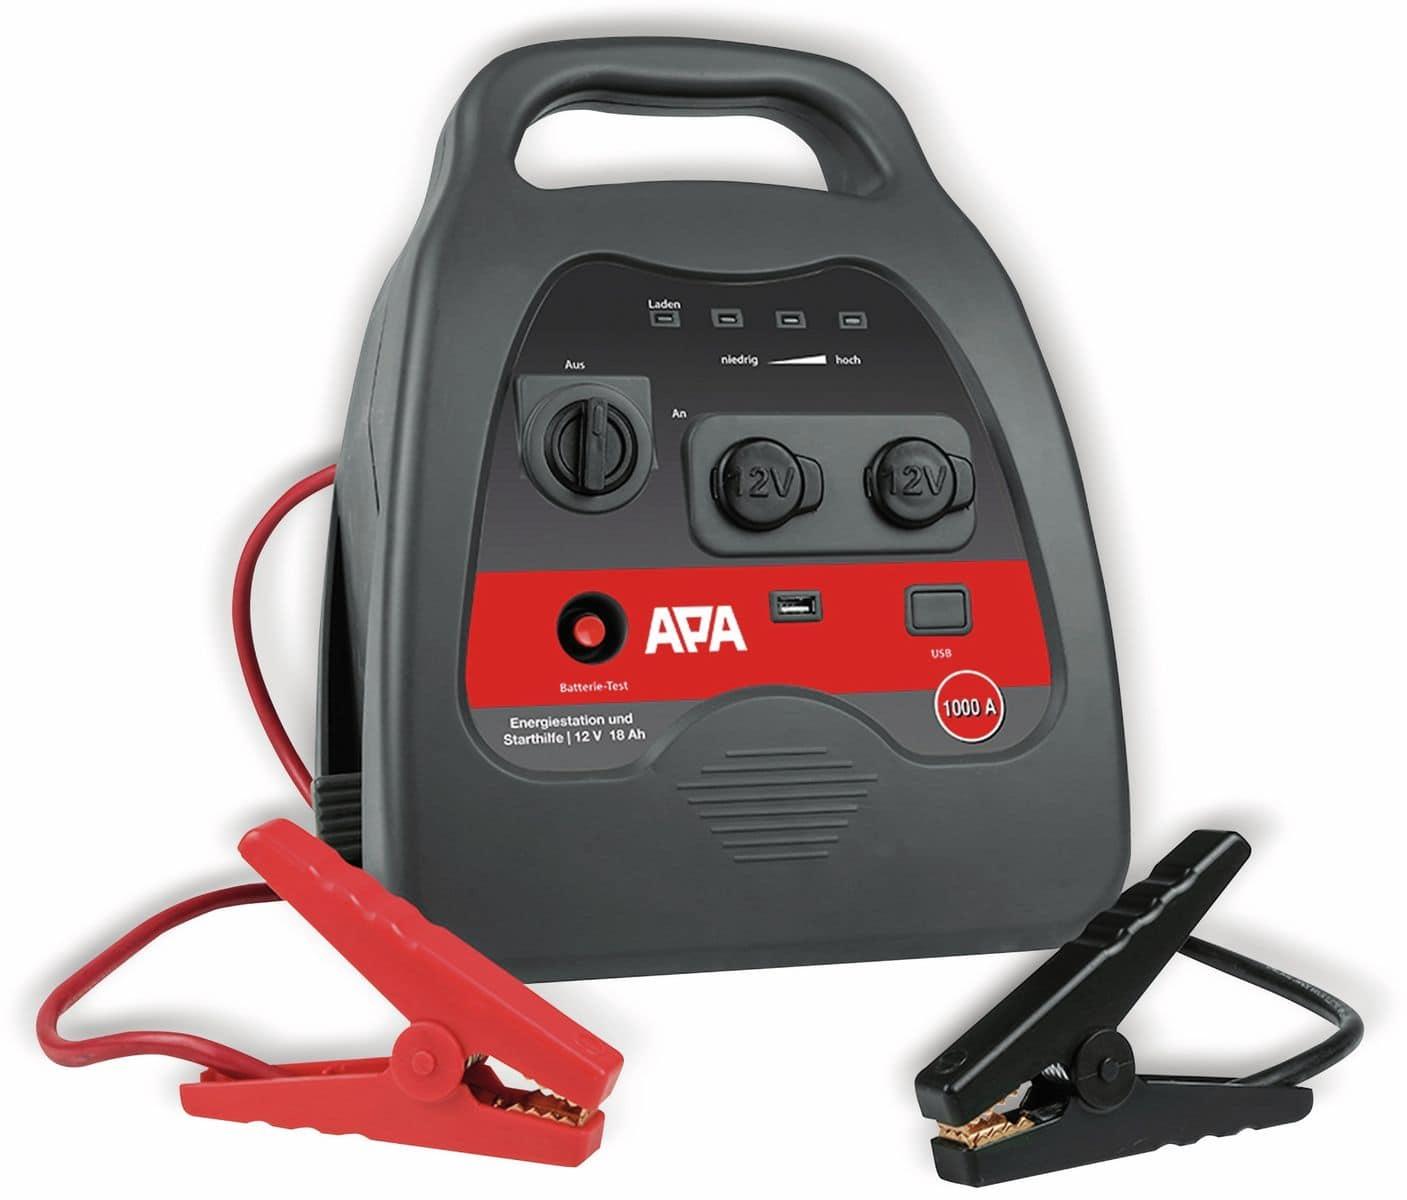 Starthilfegerät APA 16644, 12 V, 1000 A online kaufen